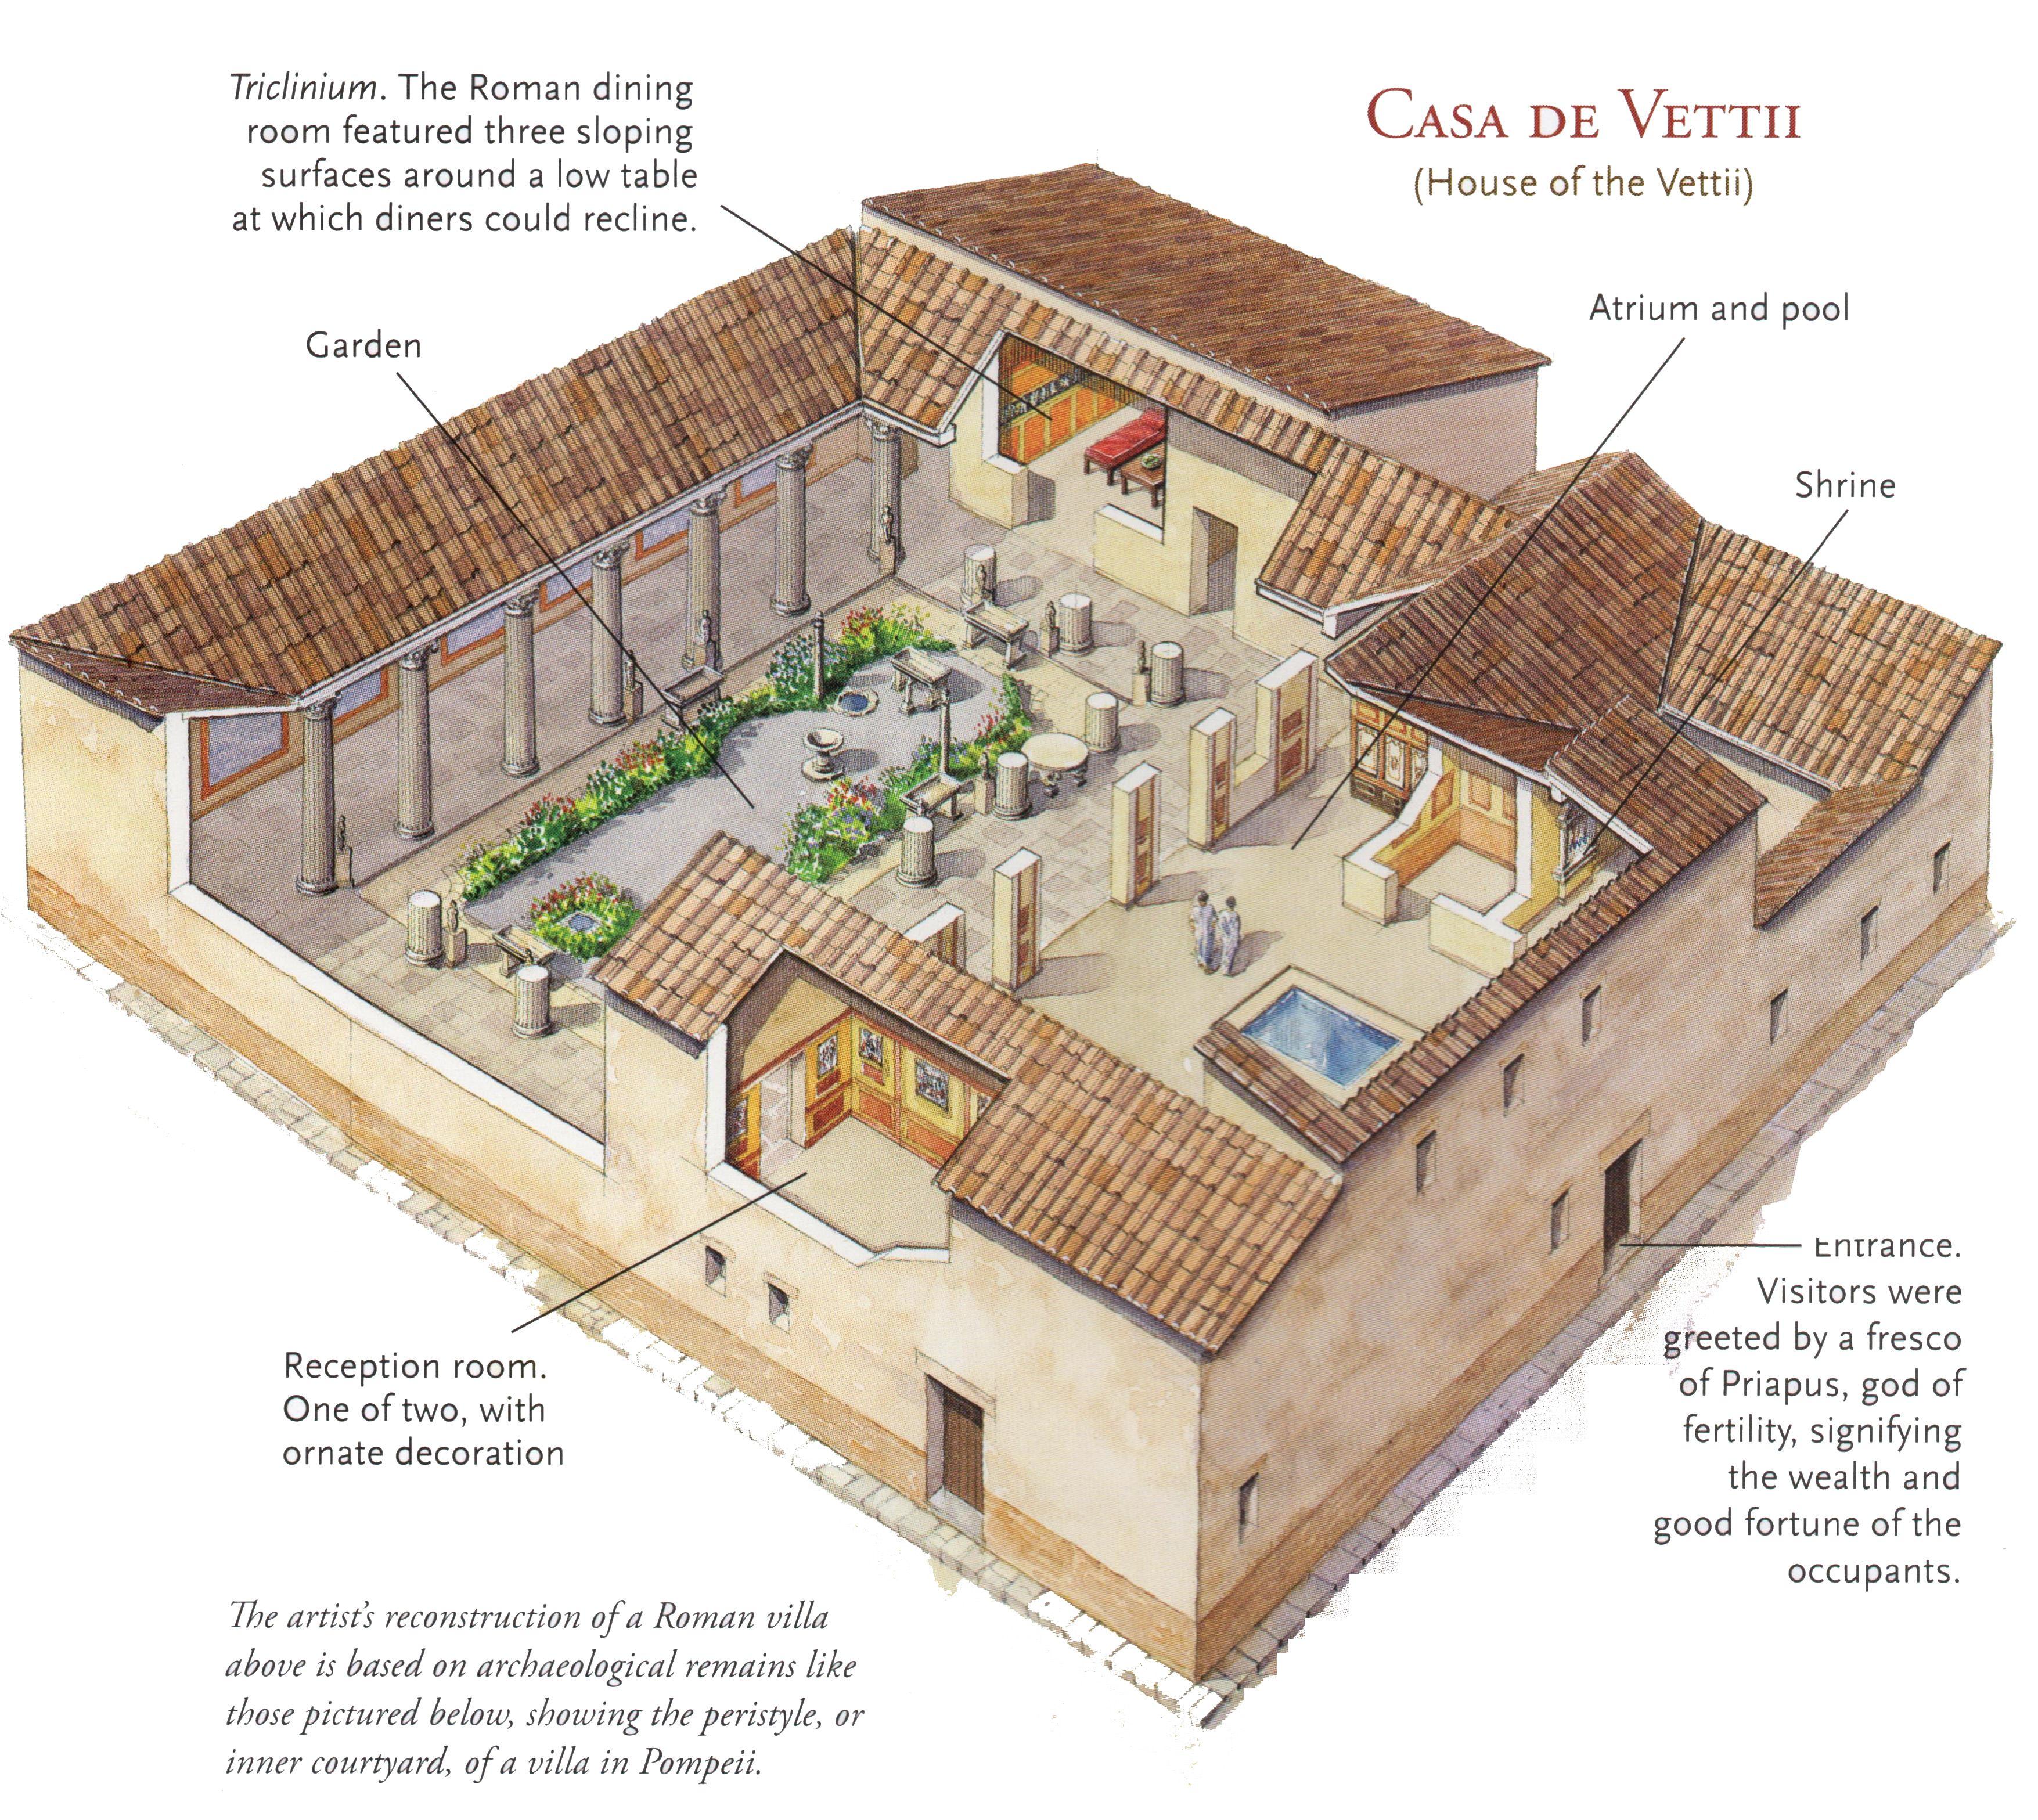 villa romana Rzym, Starożytny rzym, Imperium rzymskie